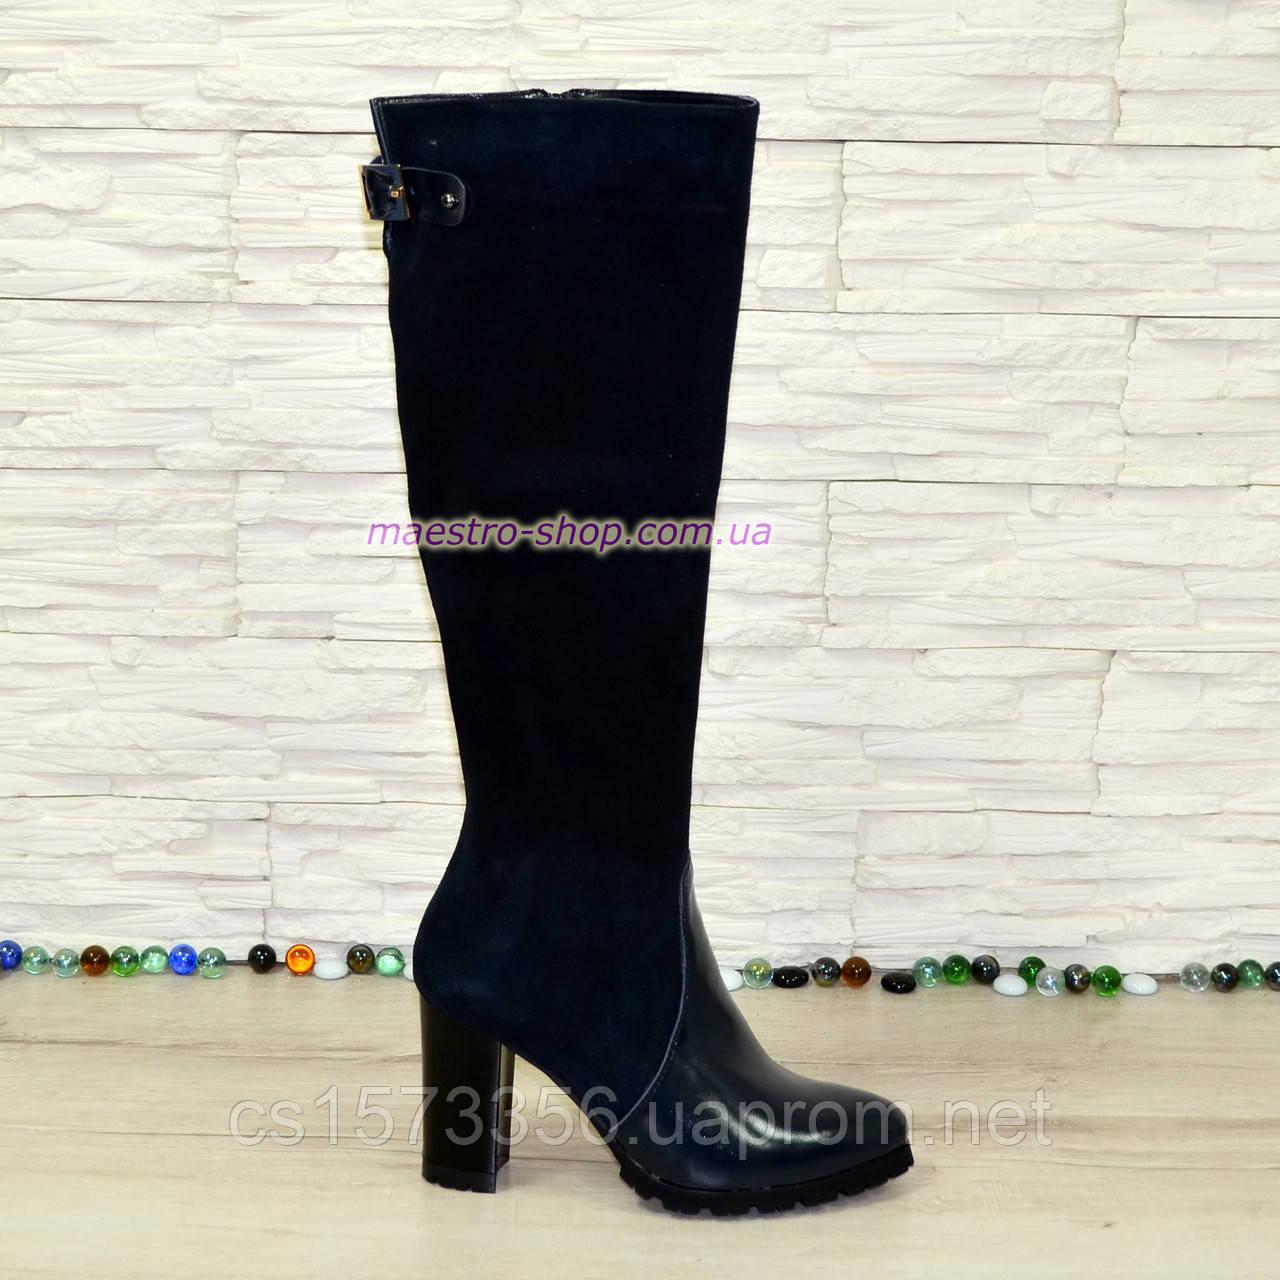 Сапоги женские зимние на высоком устойчивом каблуке, натуральная лаковая кожа и замш синего цвета.